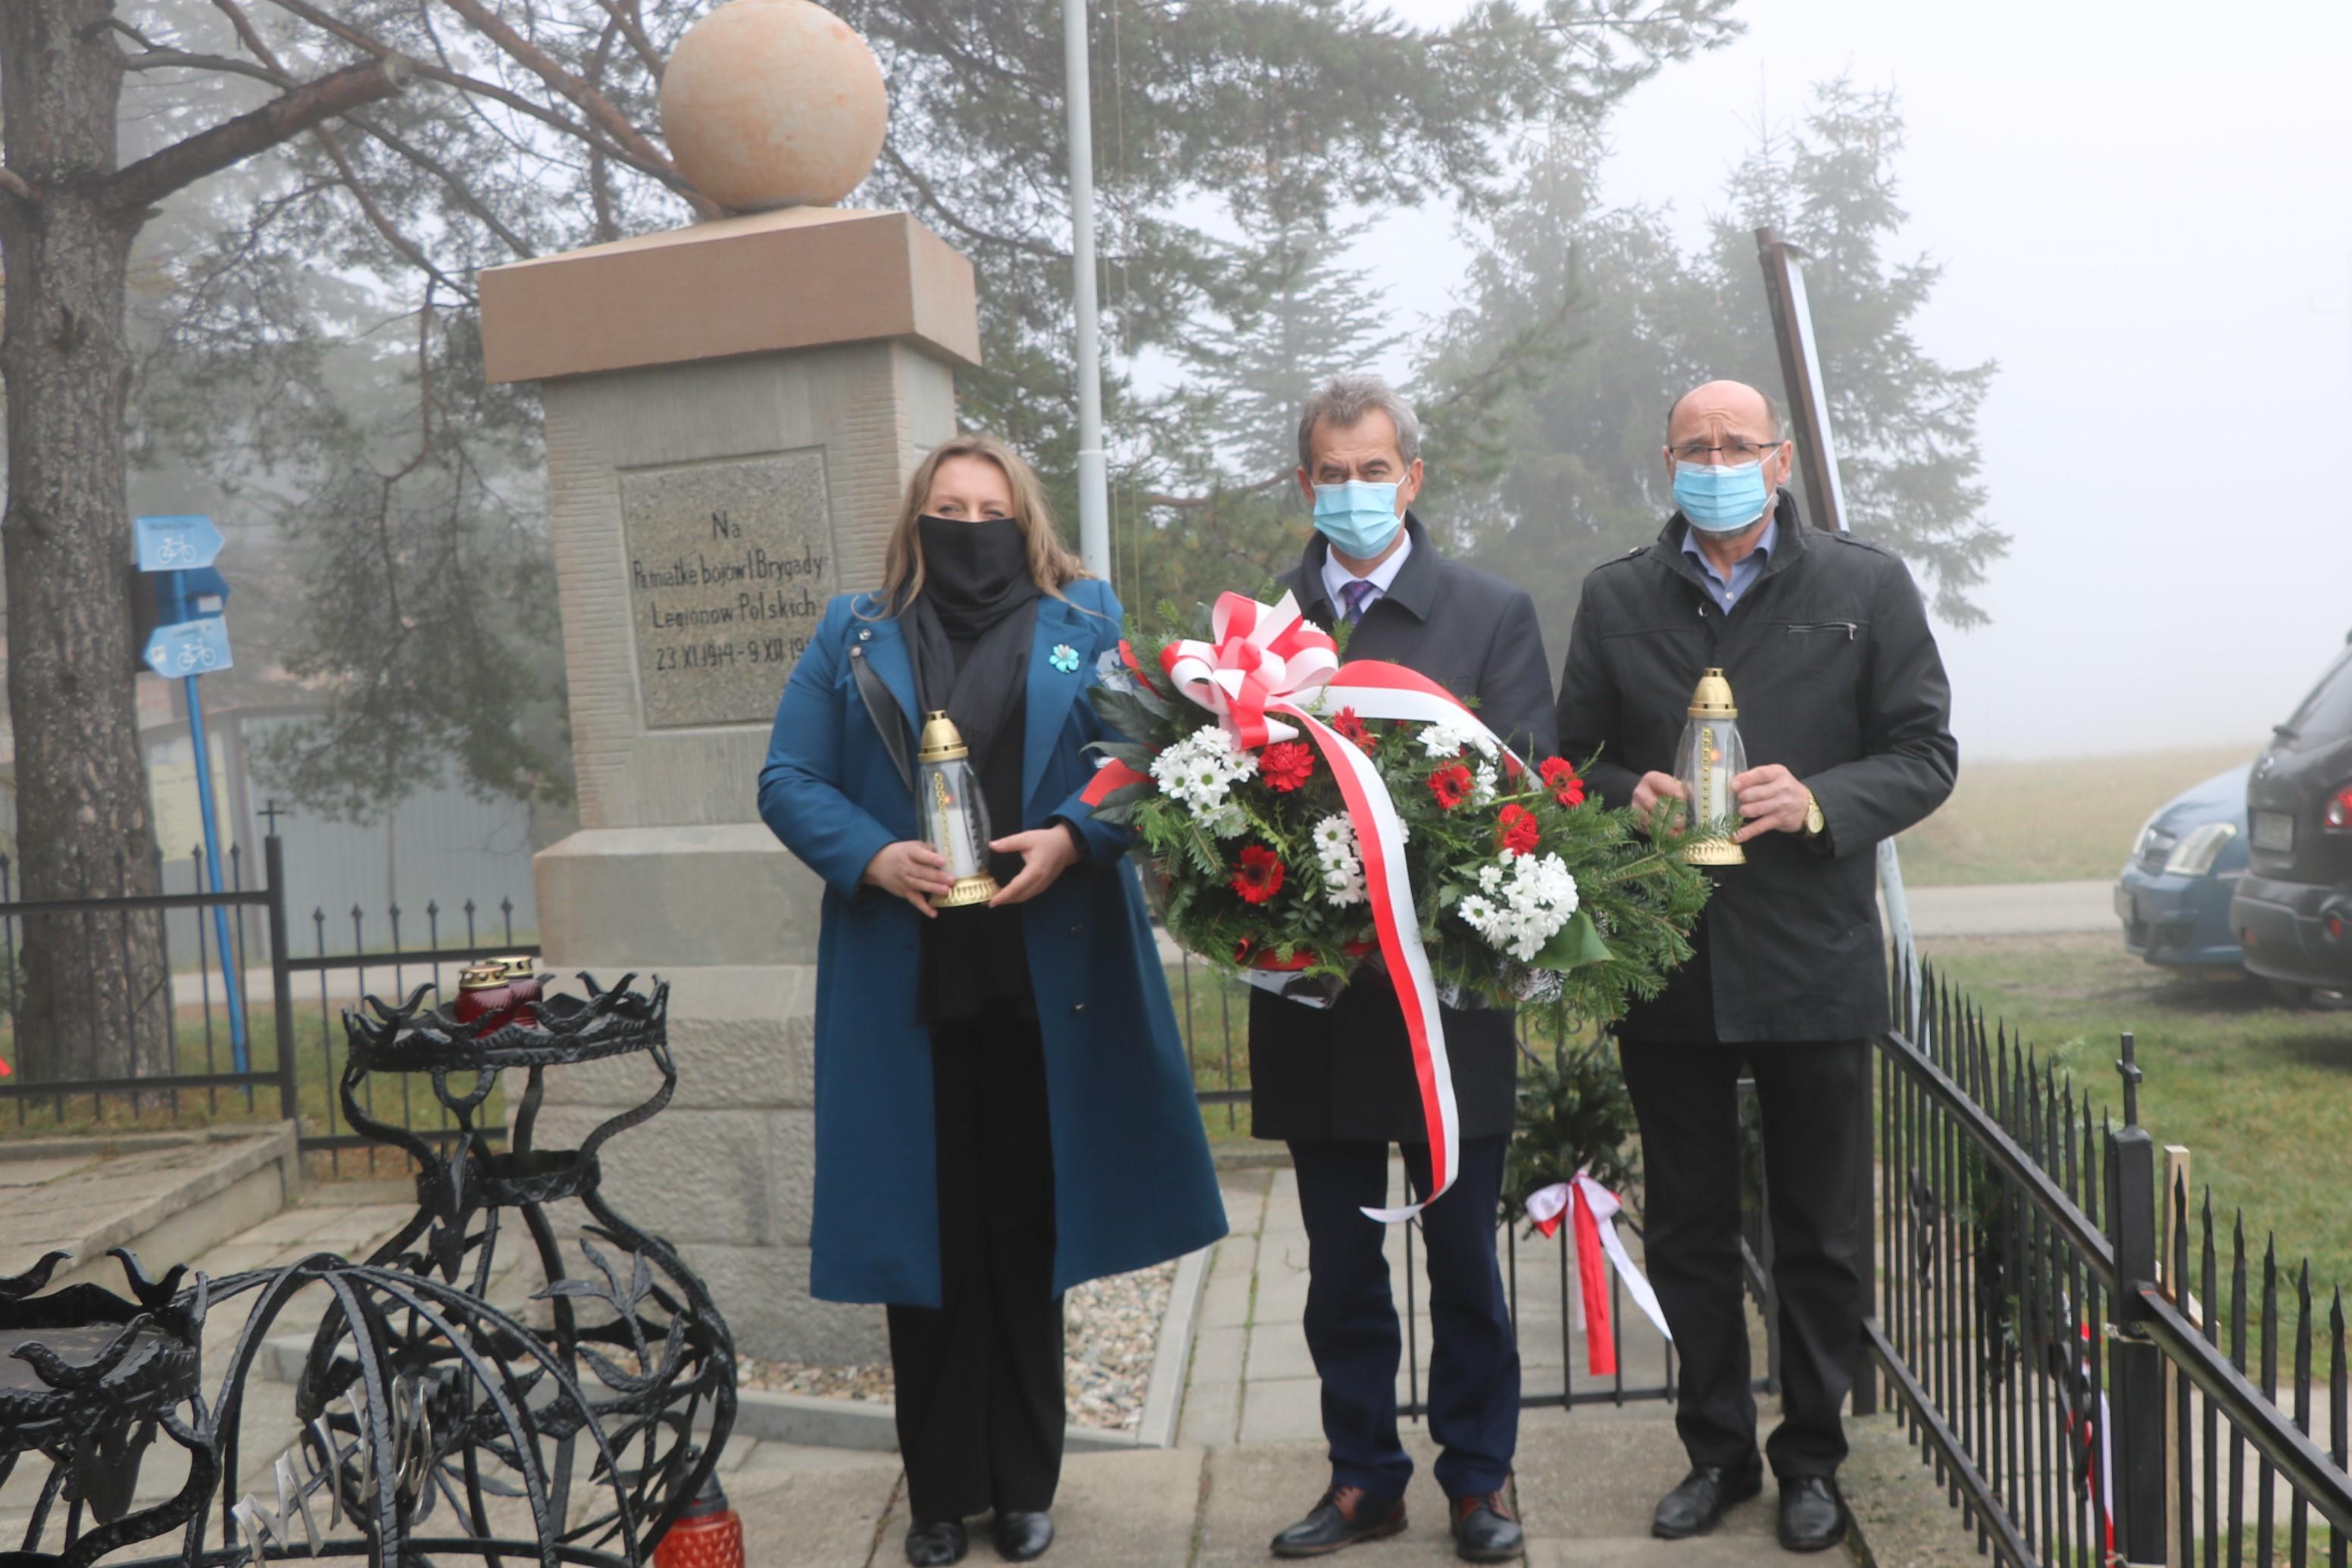 Przedstawiciele Powiatu Limanowskiego przy Pomniku Spotkań Pokoleń na Przełęczy Marszałka Edwarda Śmigłego – Rydza (Przełęcz Chyszówki).